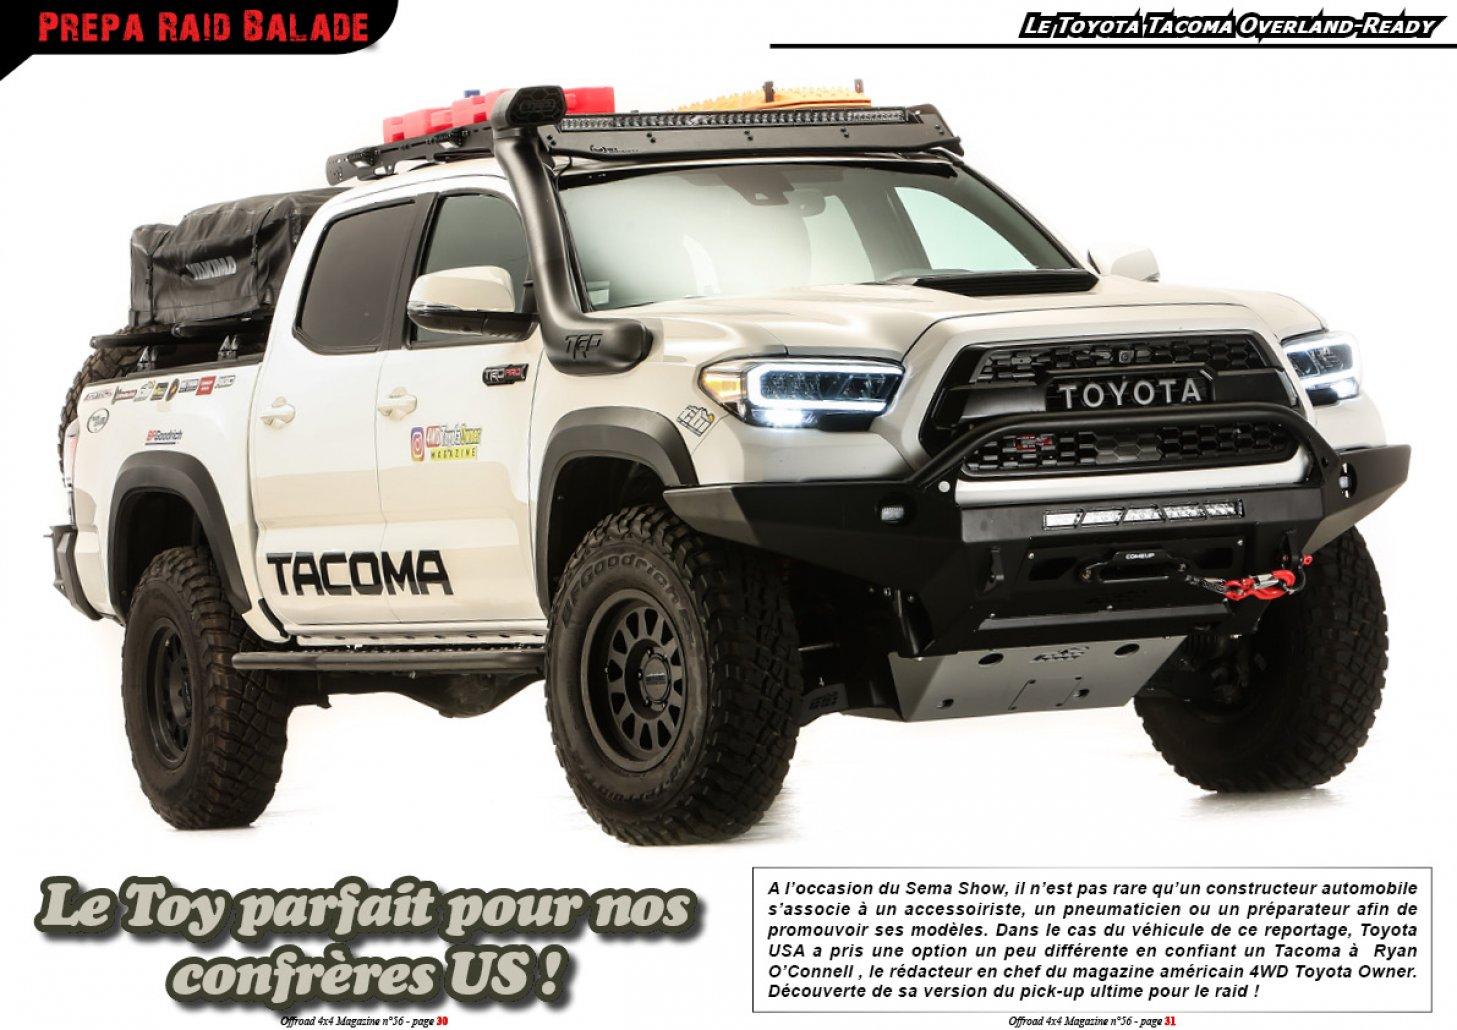 Le Toyota Tacoma Overland-Ready